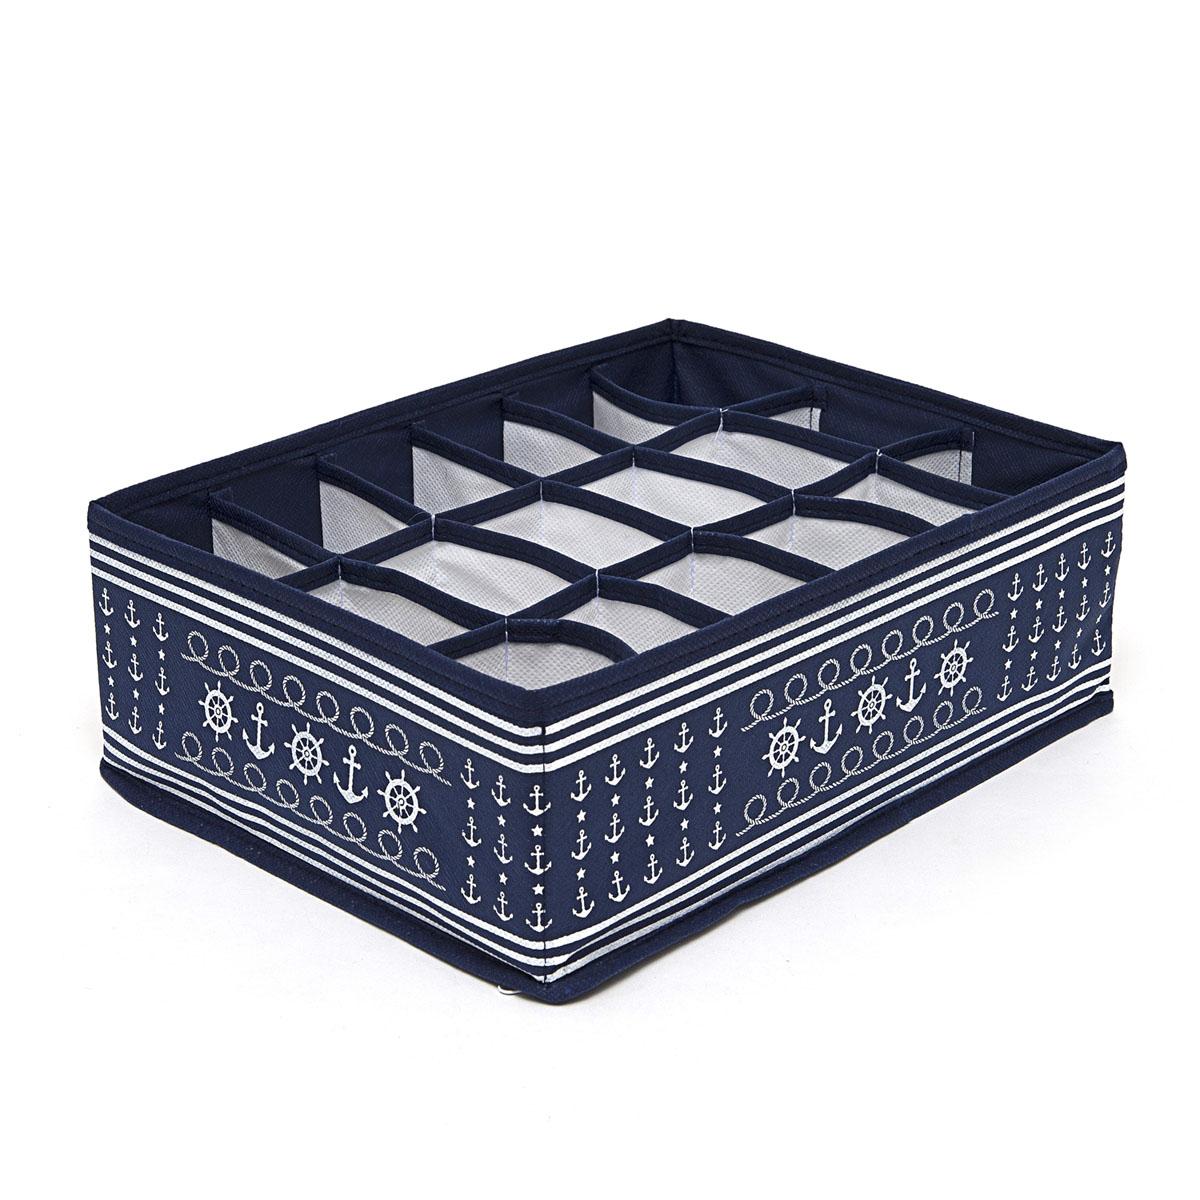 Органайзер для хранения вещей Homsu Ocean, 18 секций, 31 х 24 х 11 смHOM-220Компактный складной органайзер Homsu Ocean изготовлен из высококачественного полиэстера, который обеспечивает естественную вентиляцию. Материал позволяет воздуху свободно проникать внутрь, но не пропускает пыль. Органайзер отлично держит форму, благодаря вставкам из плотного картона. Изделие имеет 18 квадратных секций для хранения нижнего белья, колготок, носков и другой одежды. Такой органайзер позволит вам хранить вещи компактно и удобно.